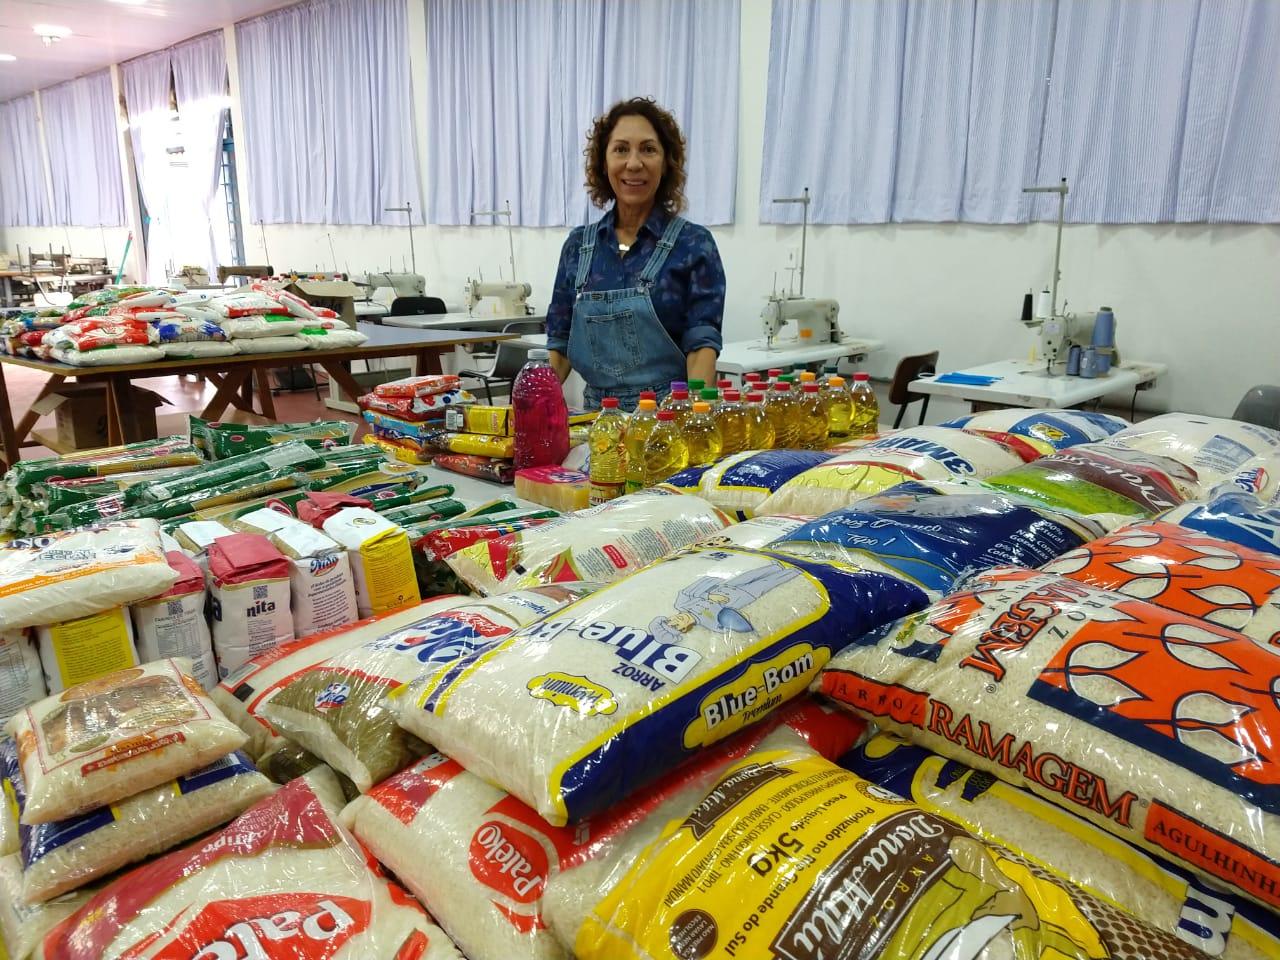 Confira como fazer doação de alimentos para o Fundo Social distribuir a famílias em situação de vulnerabilidade social